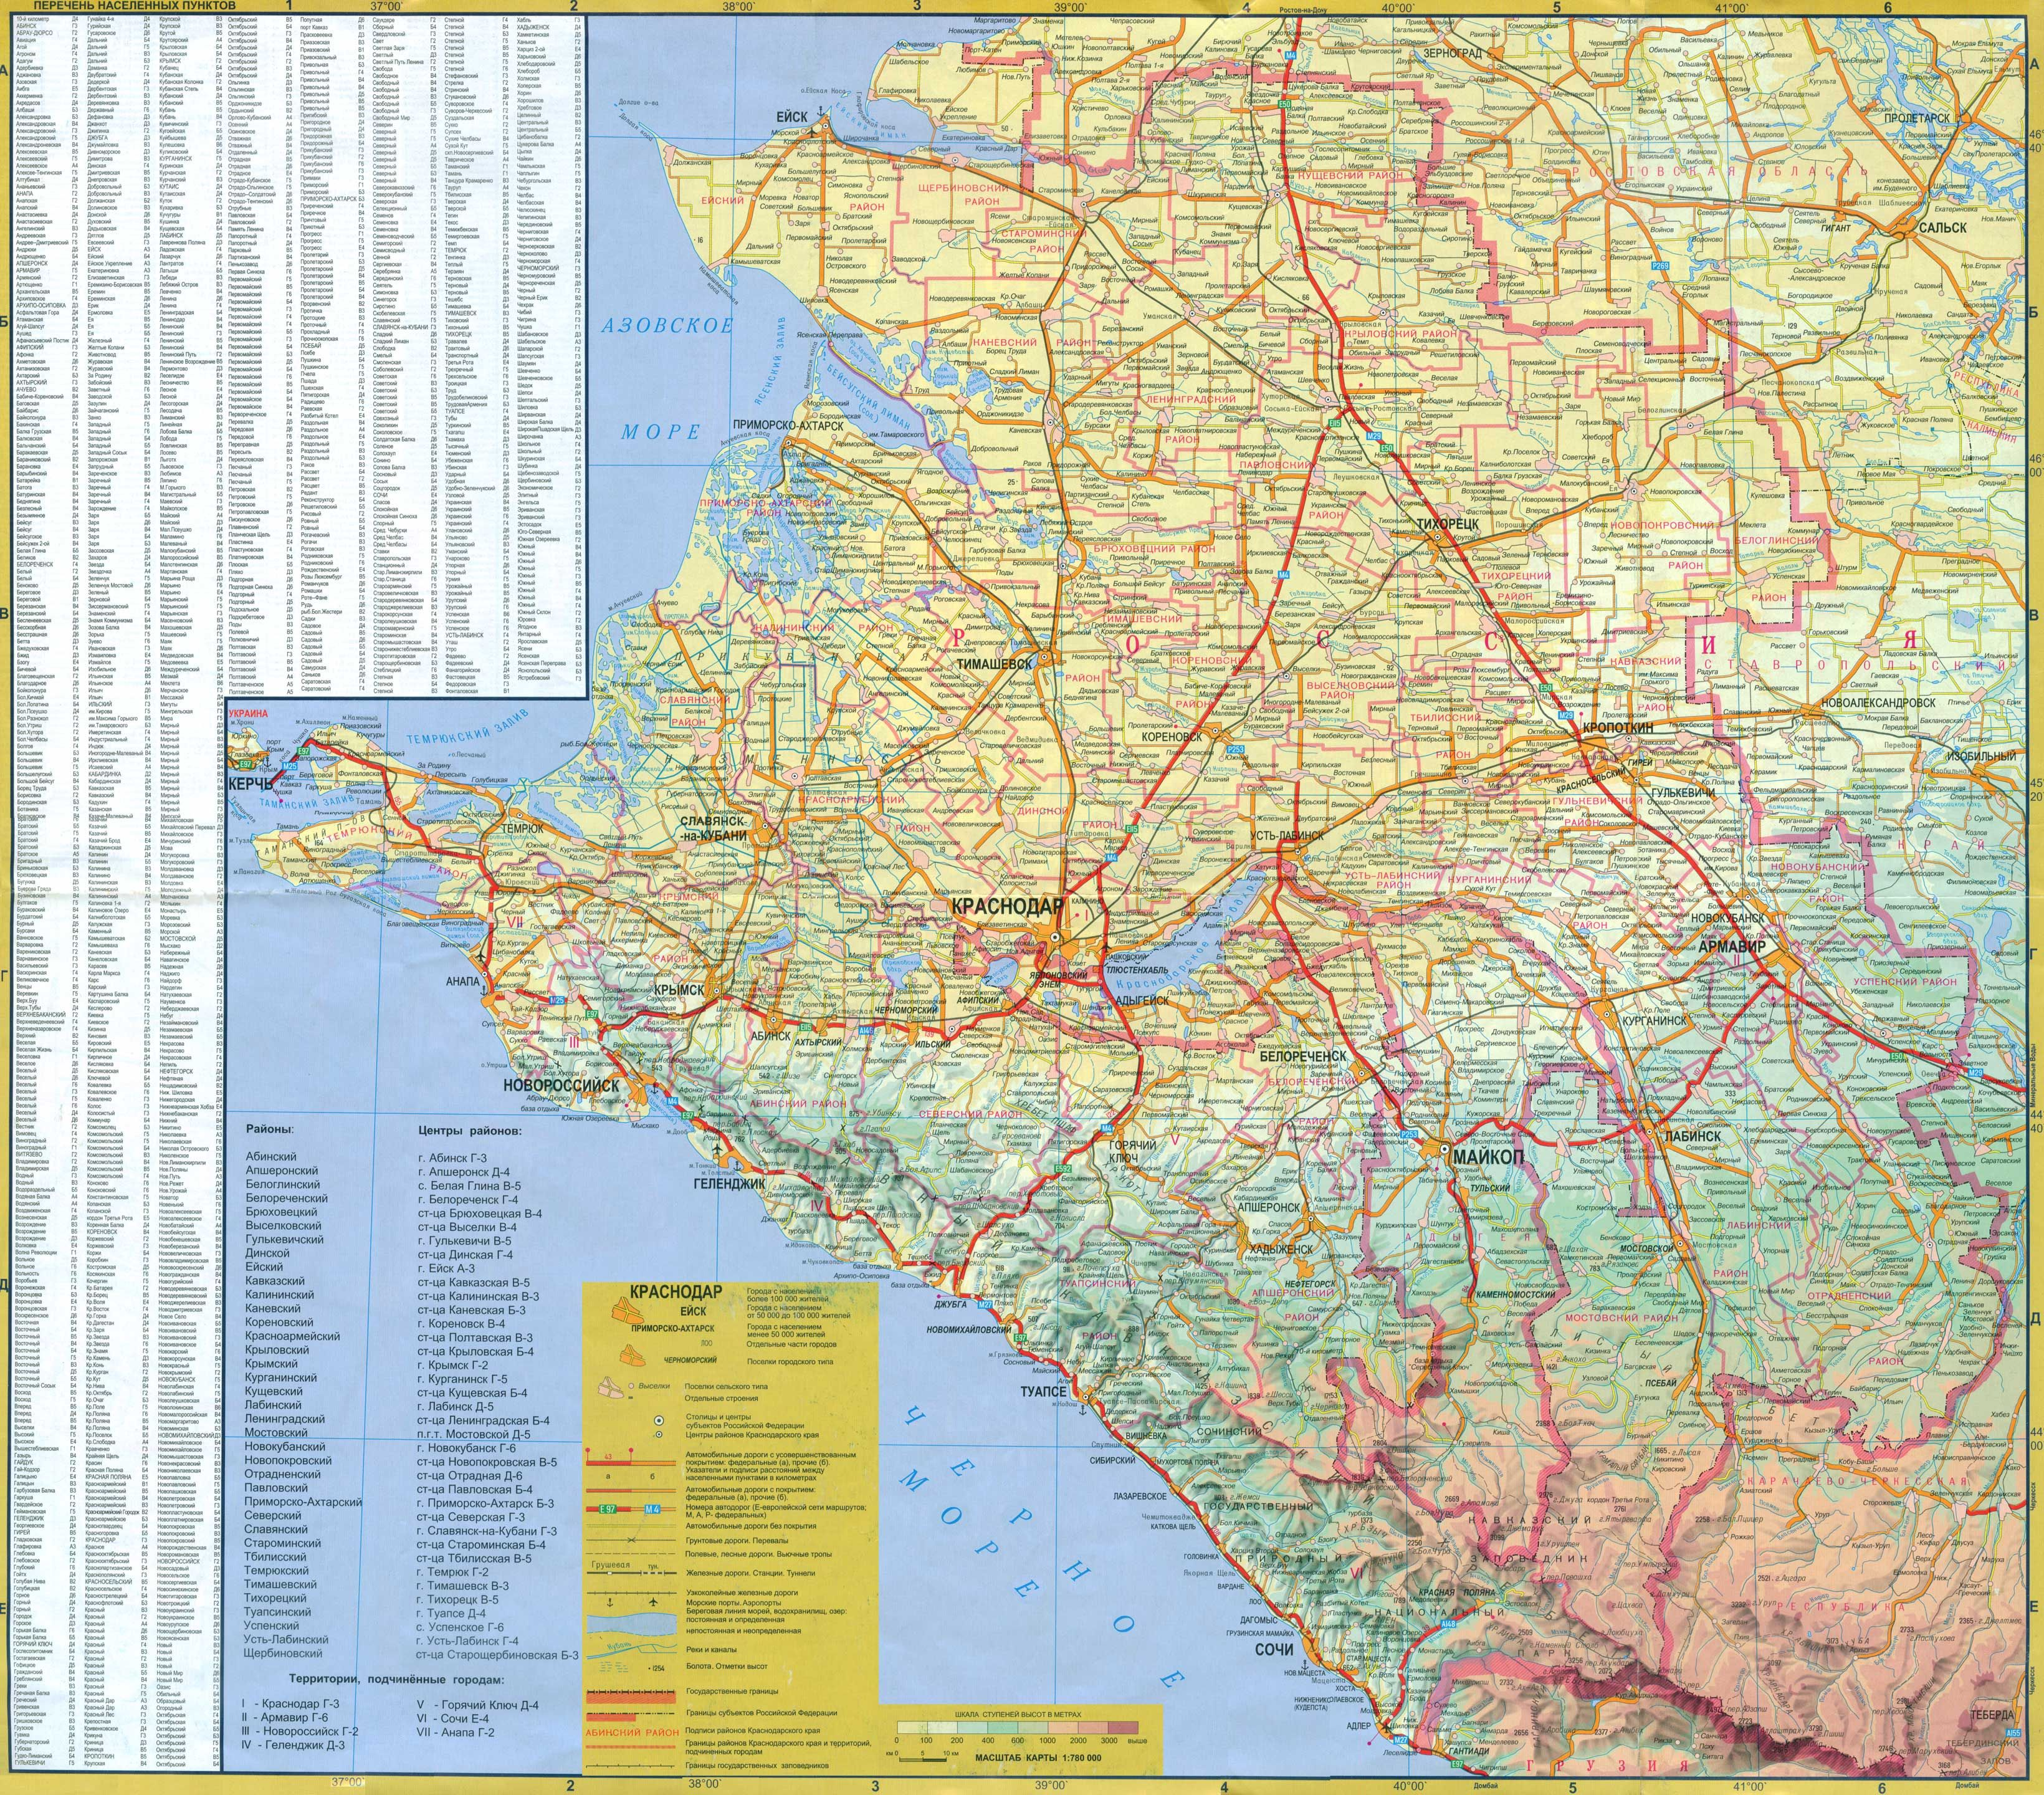 Картинка краснодарский край на карте россии, морском стиле день